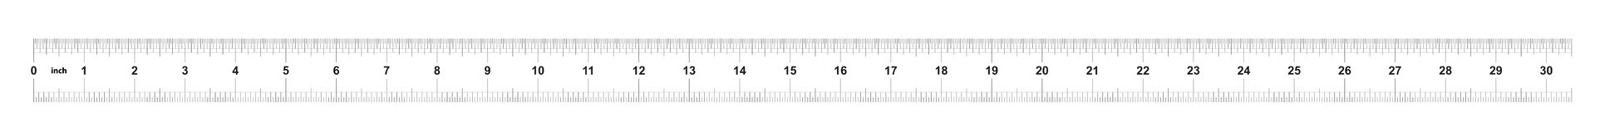 Heerser 30 duim keizer Metrische heerser 160 duim Nauwkeurig metend hulpmiddel Kaliberbepalingsnet royalty-vrije illustratie